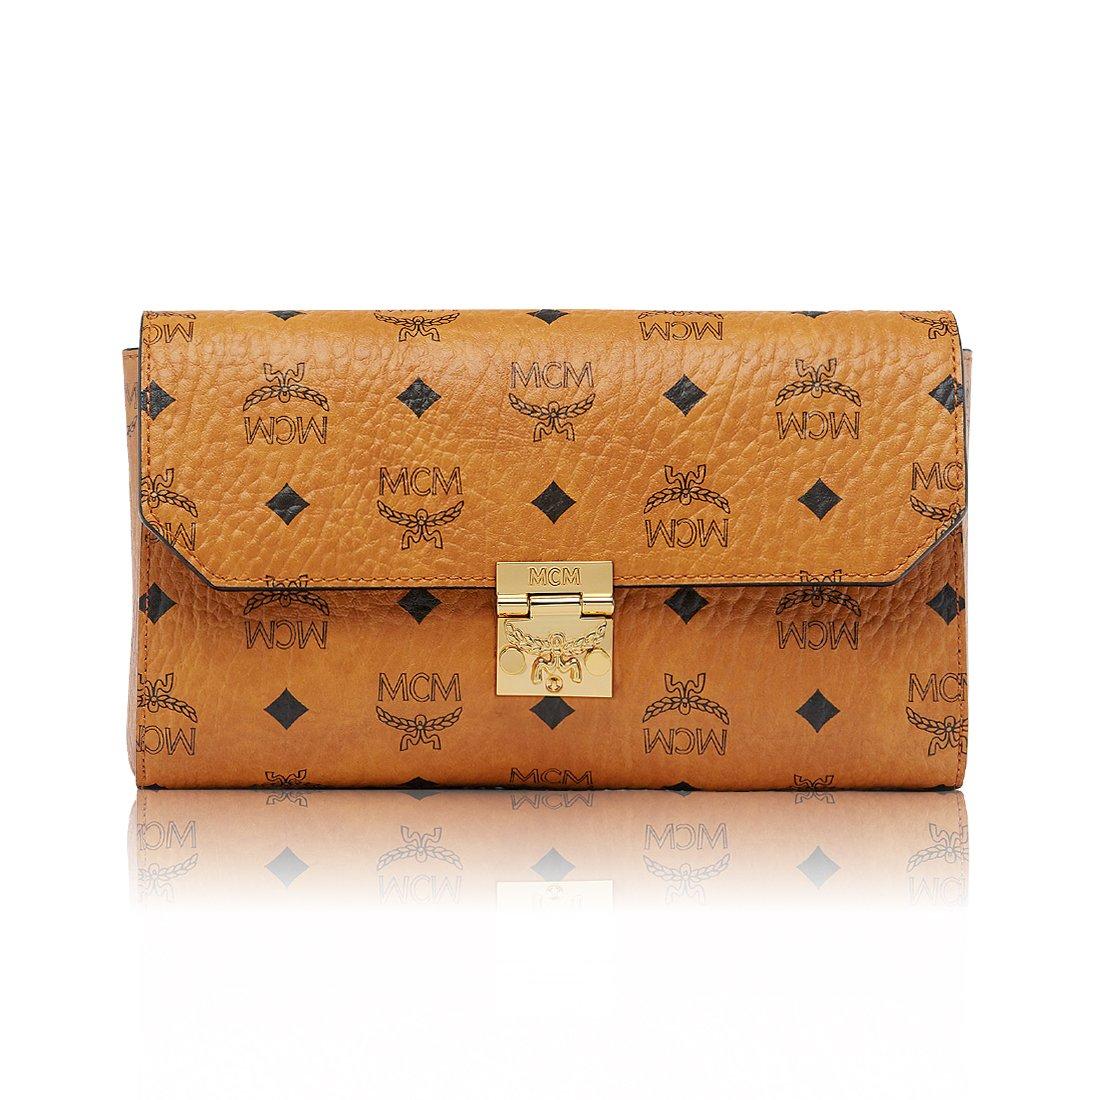 レディース ショルダーバッグ ハンドバッグ 財布 millie visetos flap crossbody Handbag Wallet 2way 2size Cognac 月桂樹[並行輸入品] B07C7DM7BD Small